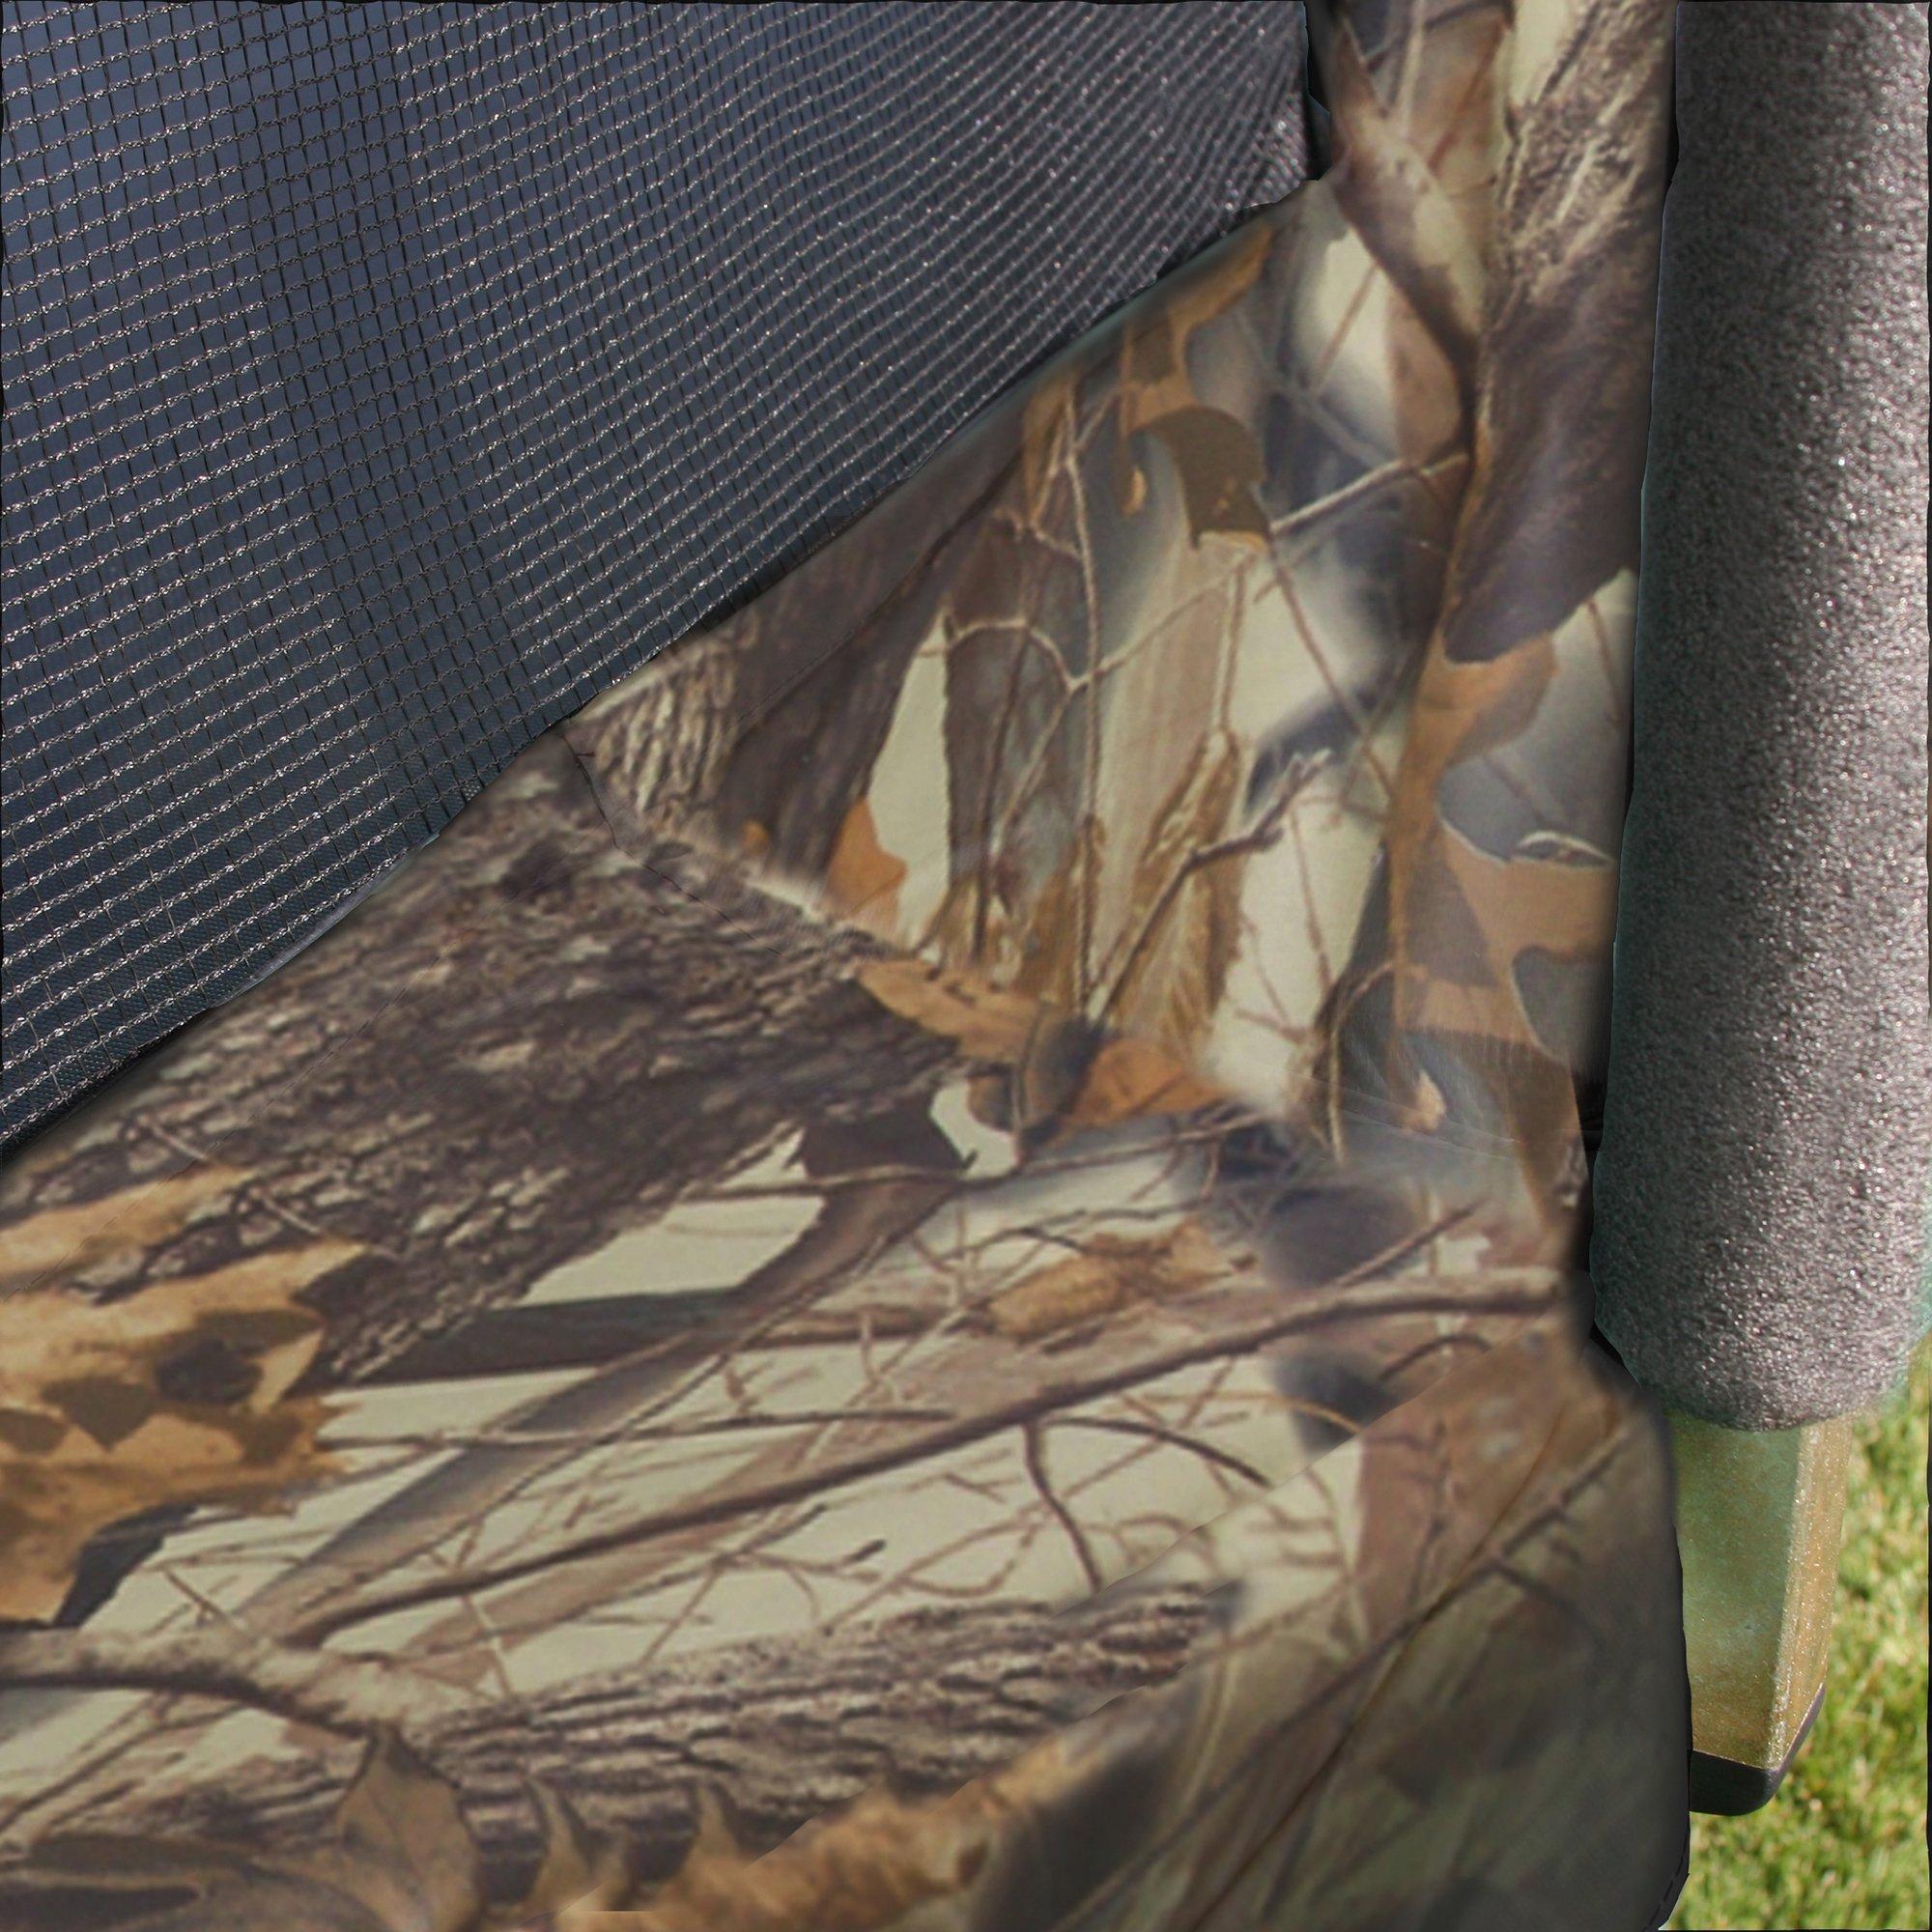 Skywalker Trampolines Universal Spring Pad, Camouflage, 15-Feet Round by Skywalker Trampolines (Image #3)